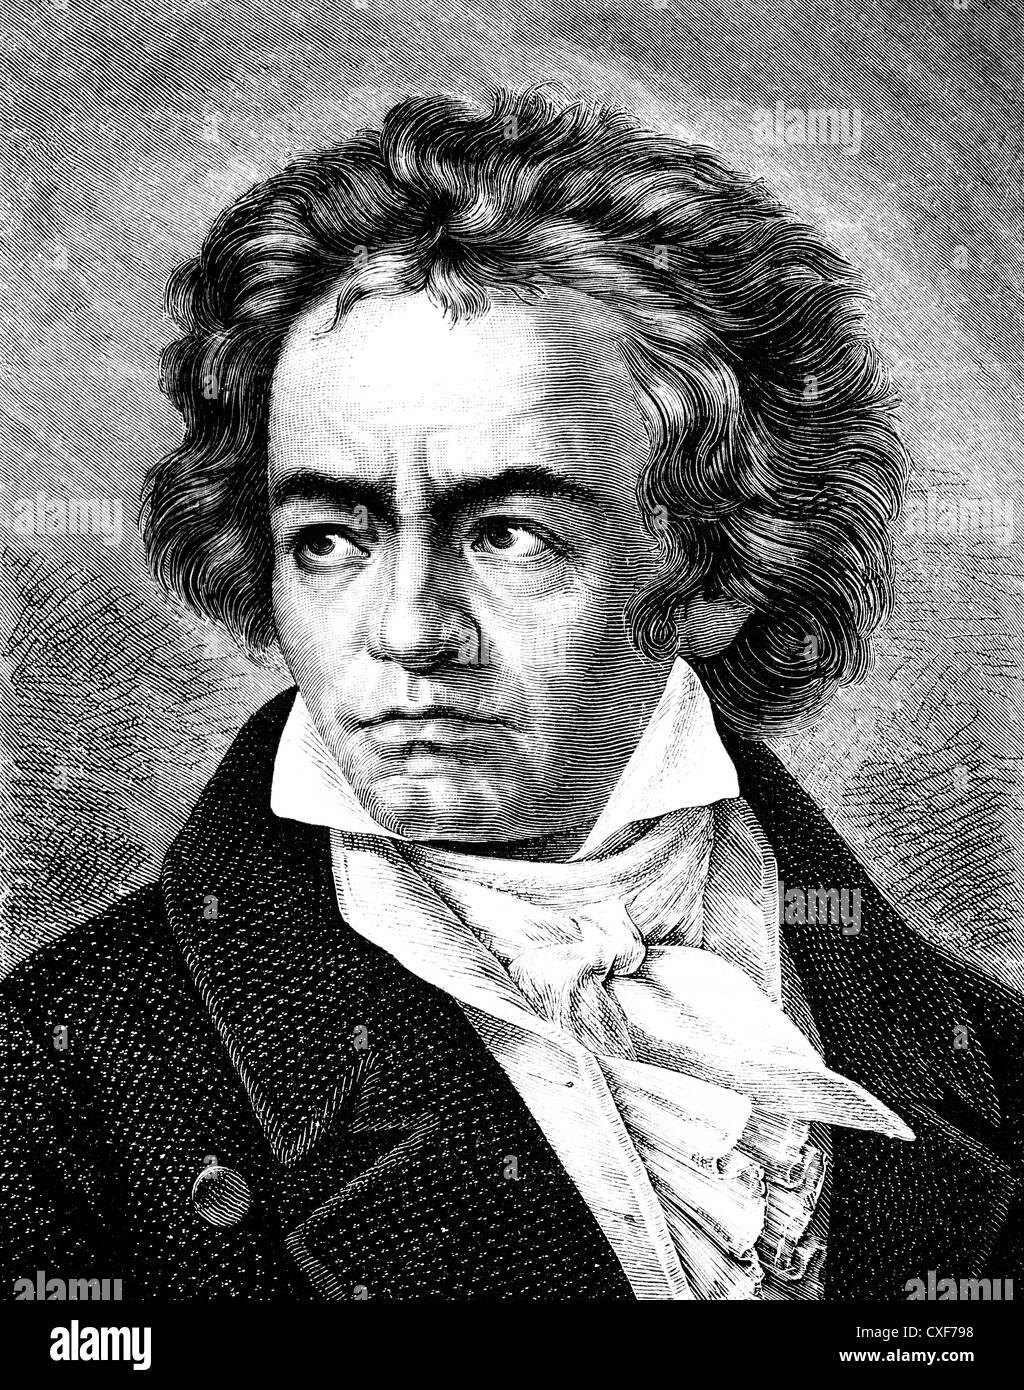 Beethoven Werke Bekannteste